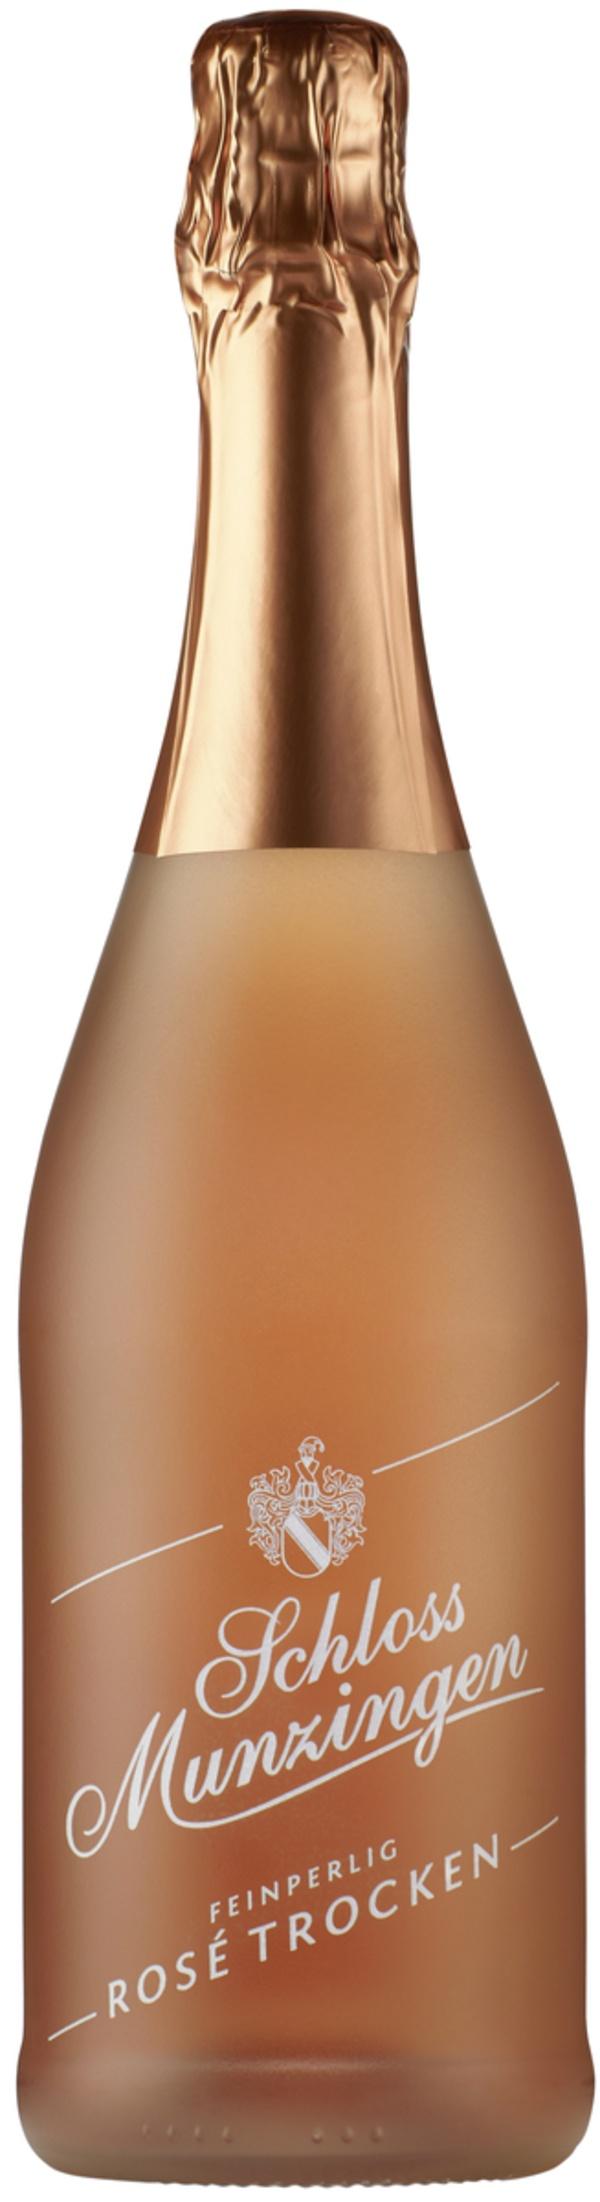 Schloss Munzingen Sekt Rosé Trocken 0,75 ltr